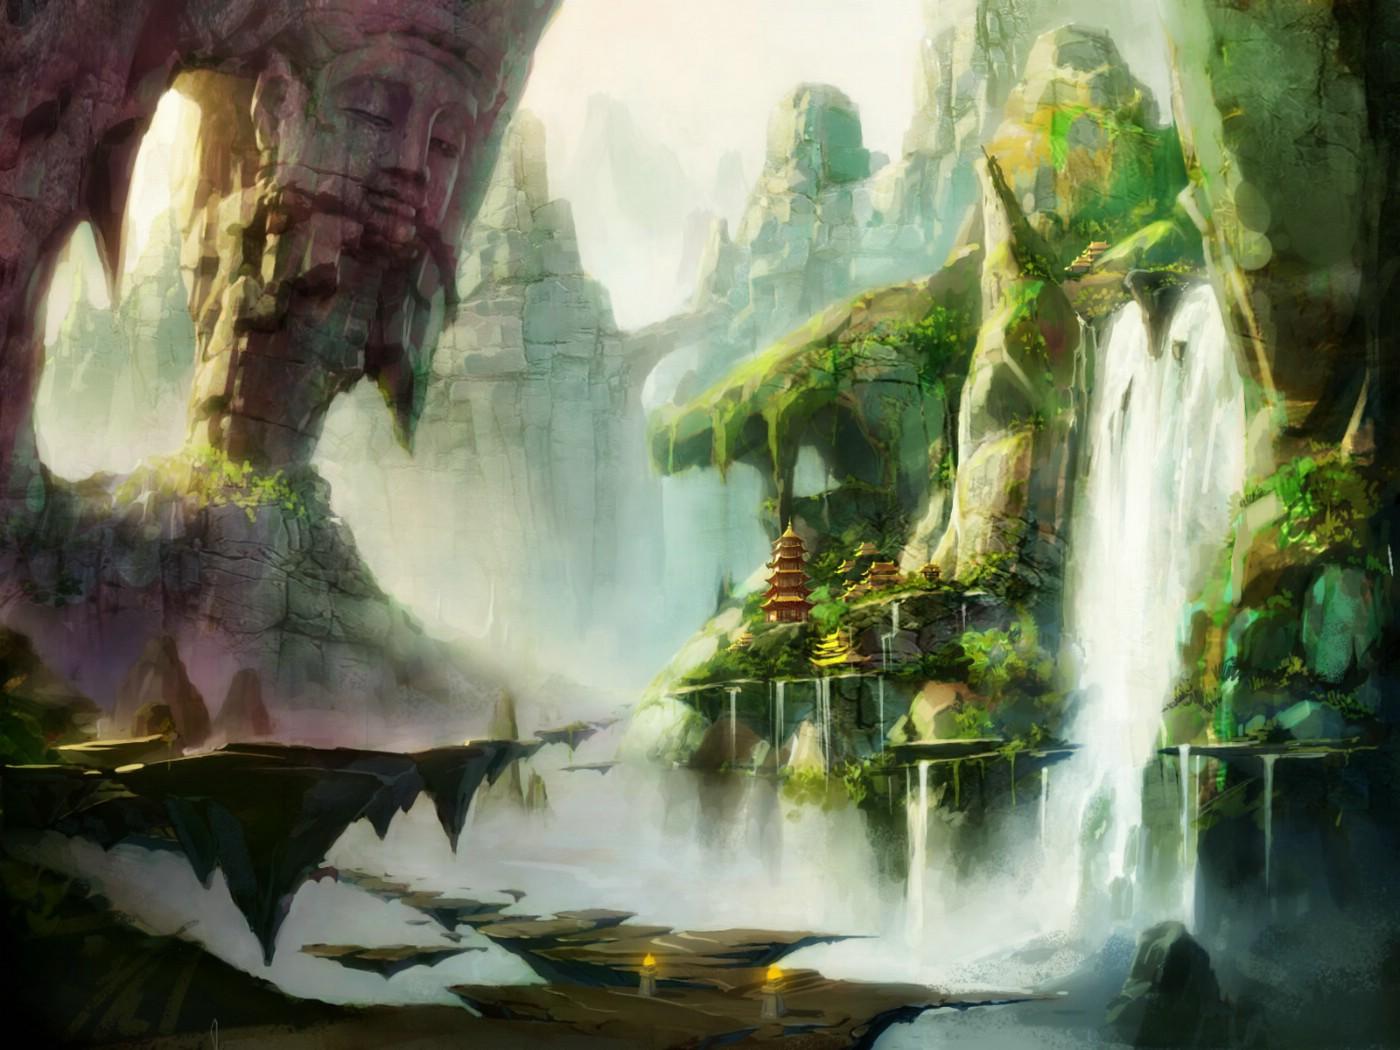 壁纸3壁纸,西游记梦幻仙境高清壁壁纸图片-游戏壁纸-游戏图片素材